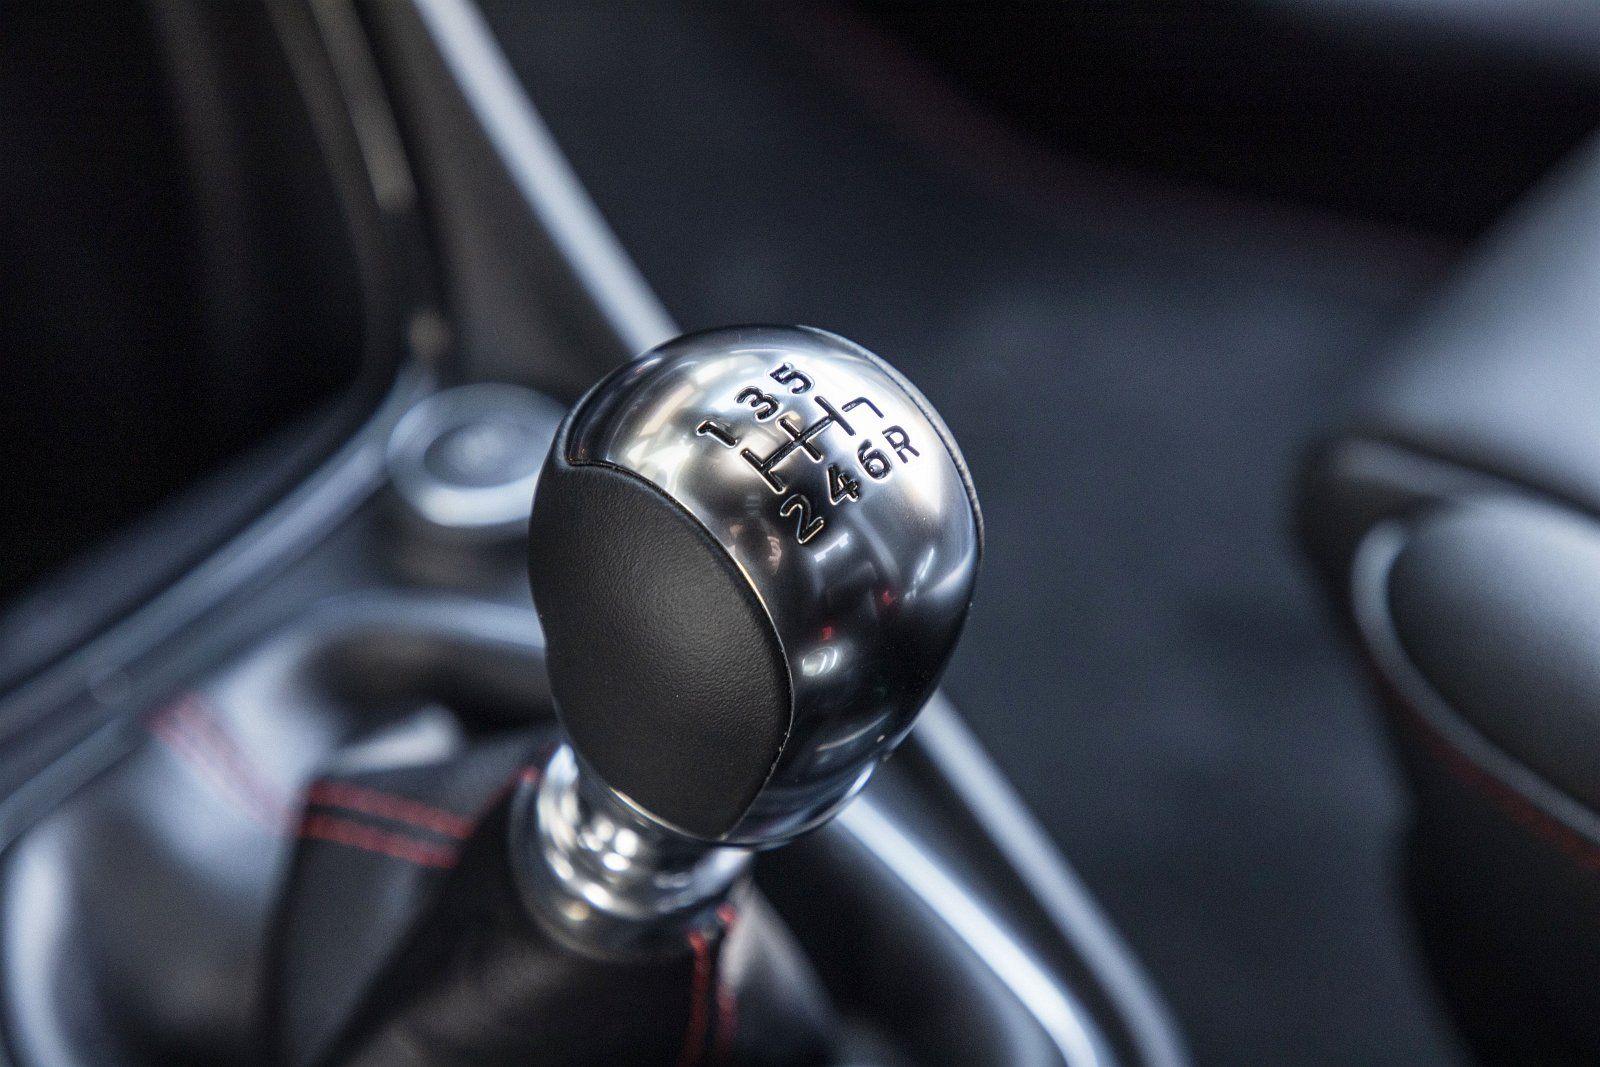 ford puma 1.0 ecoboost 125 km test 2020 - skrzynia biegów